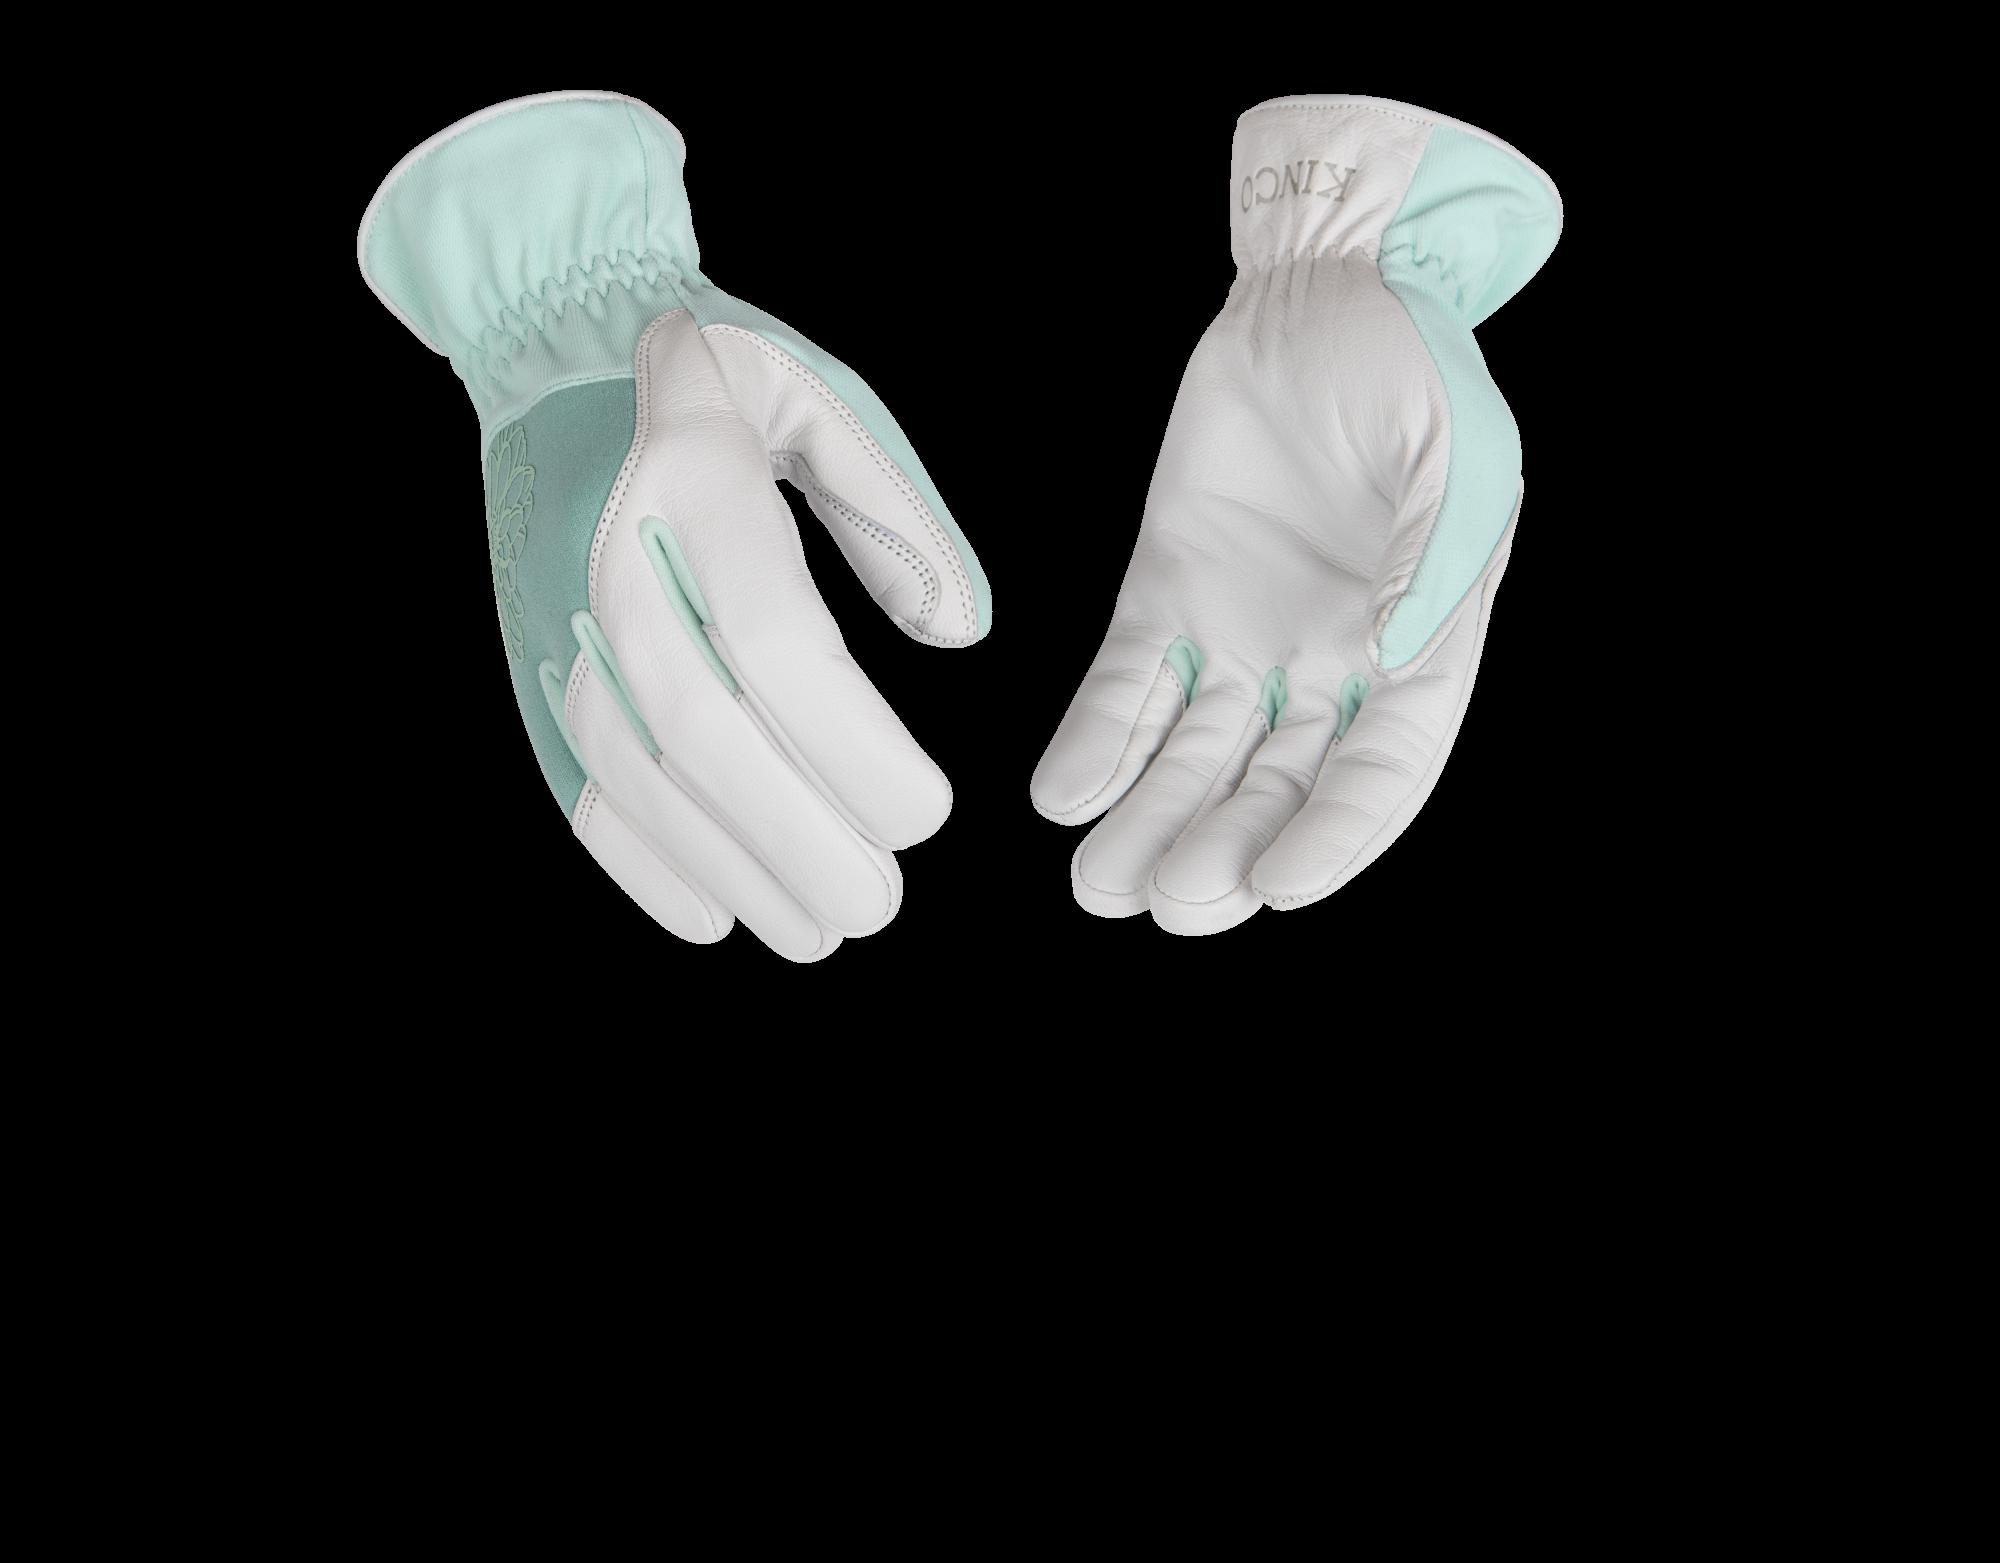 103W W's Goatskin Palm Gardening Glove SALE